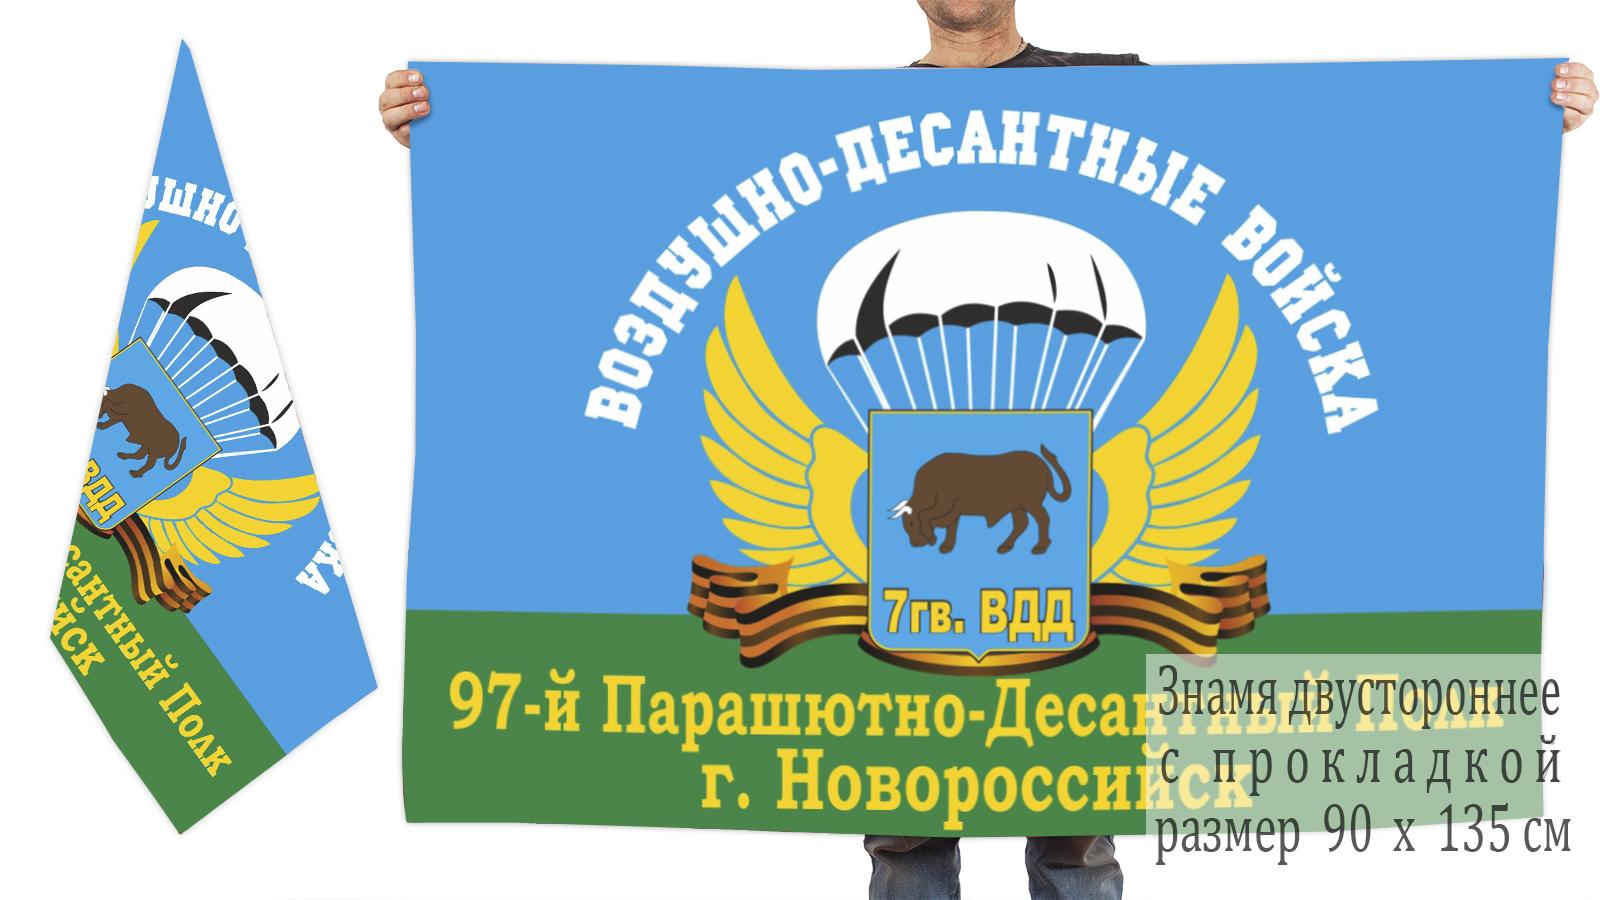 Заказать флаг 97-го Парашютно-Десантного Полка Новороссийска 7 гв. ВДД